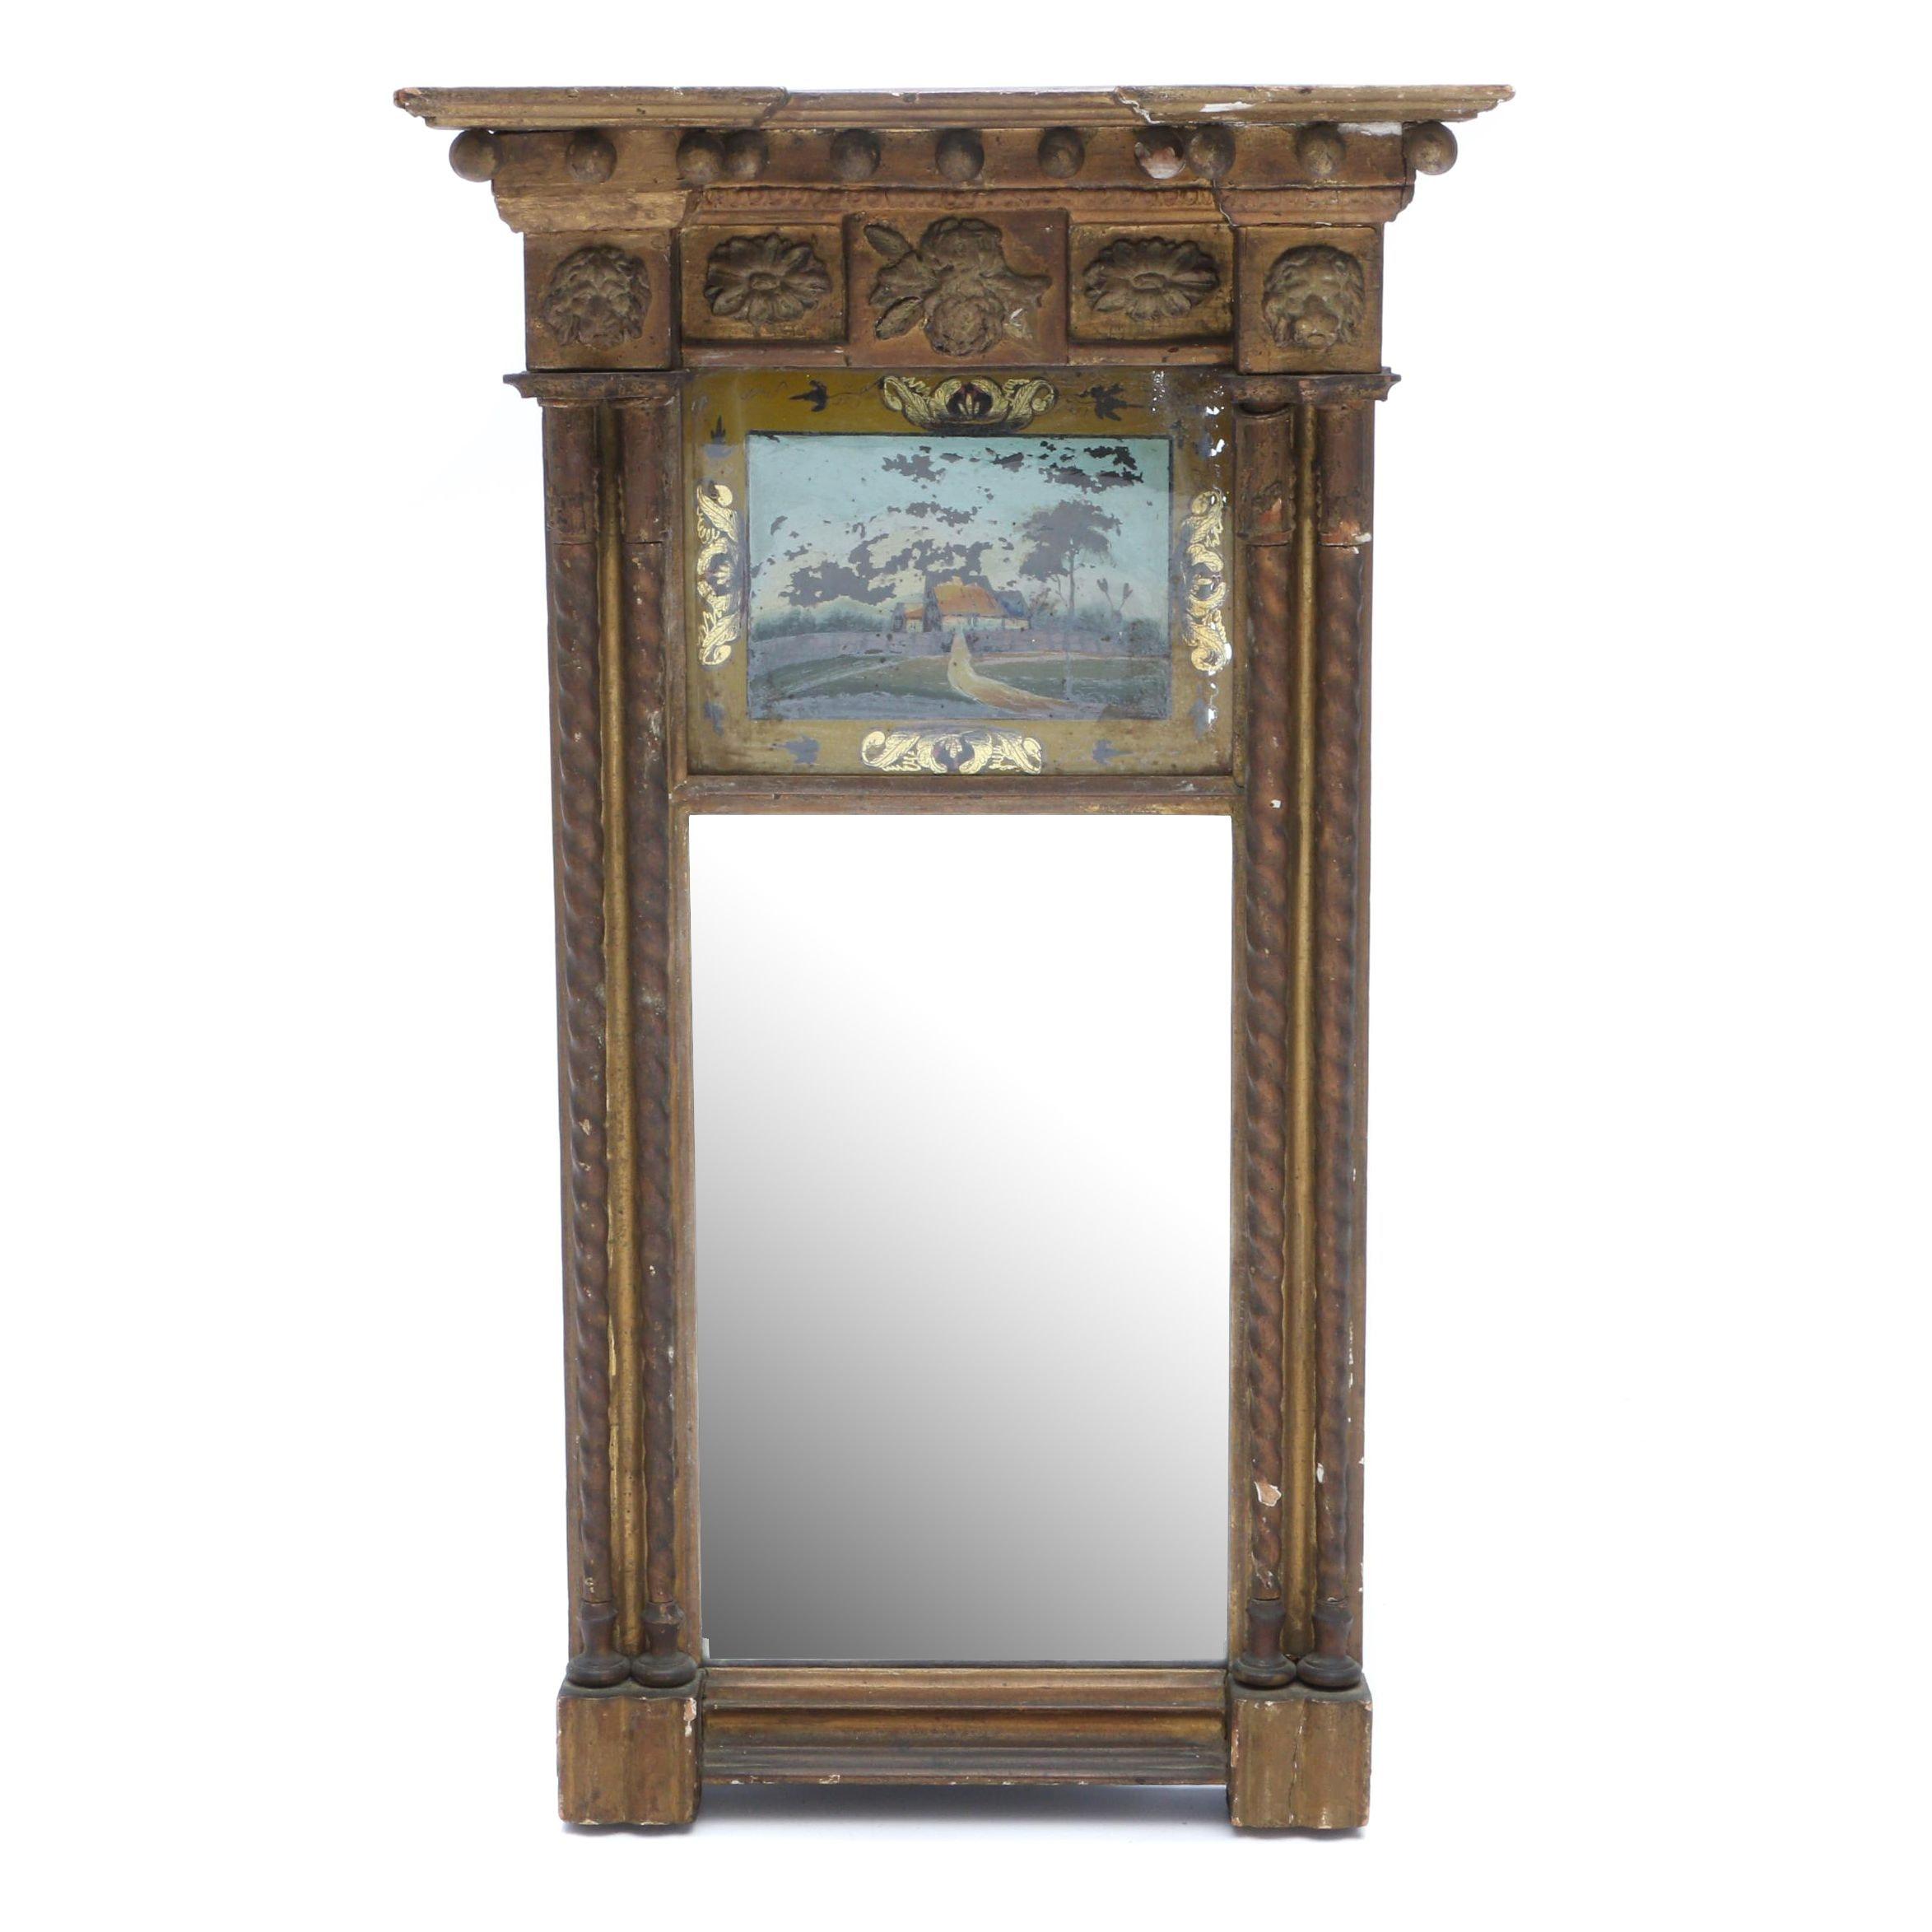 Antique Federal Pier Mirror with Églomisé Reverse Painting